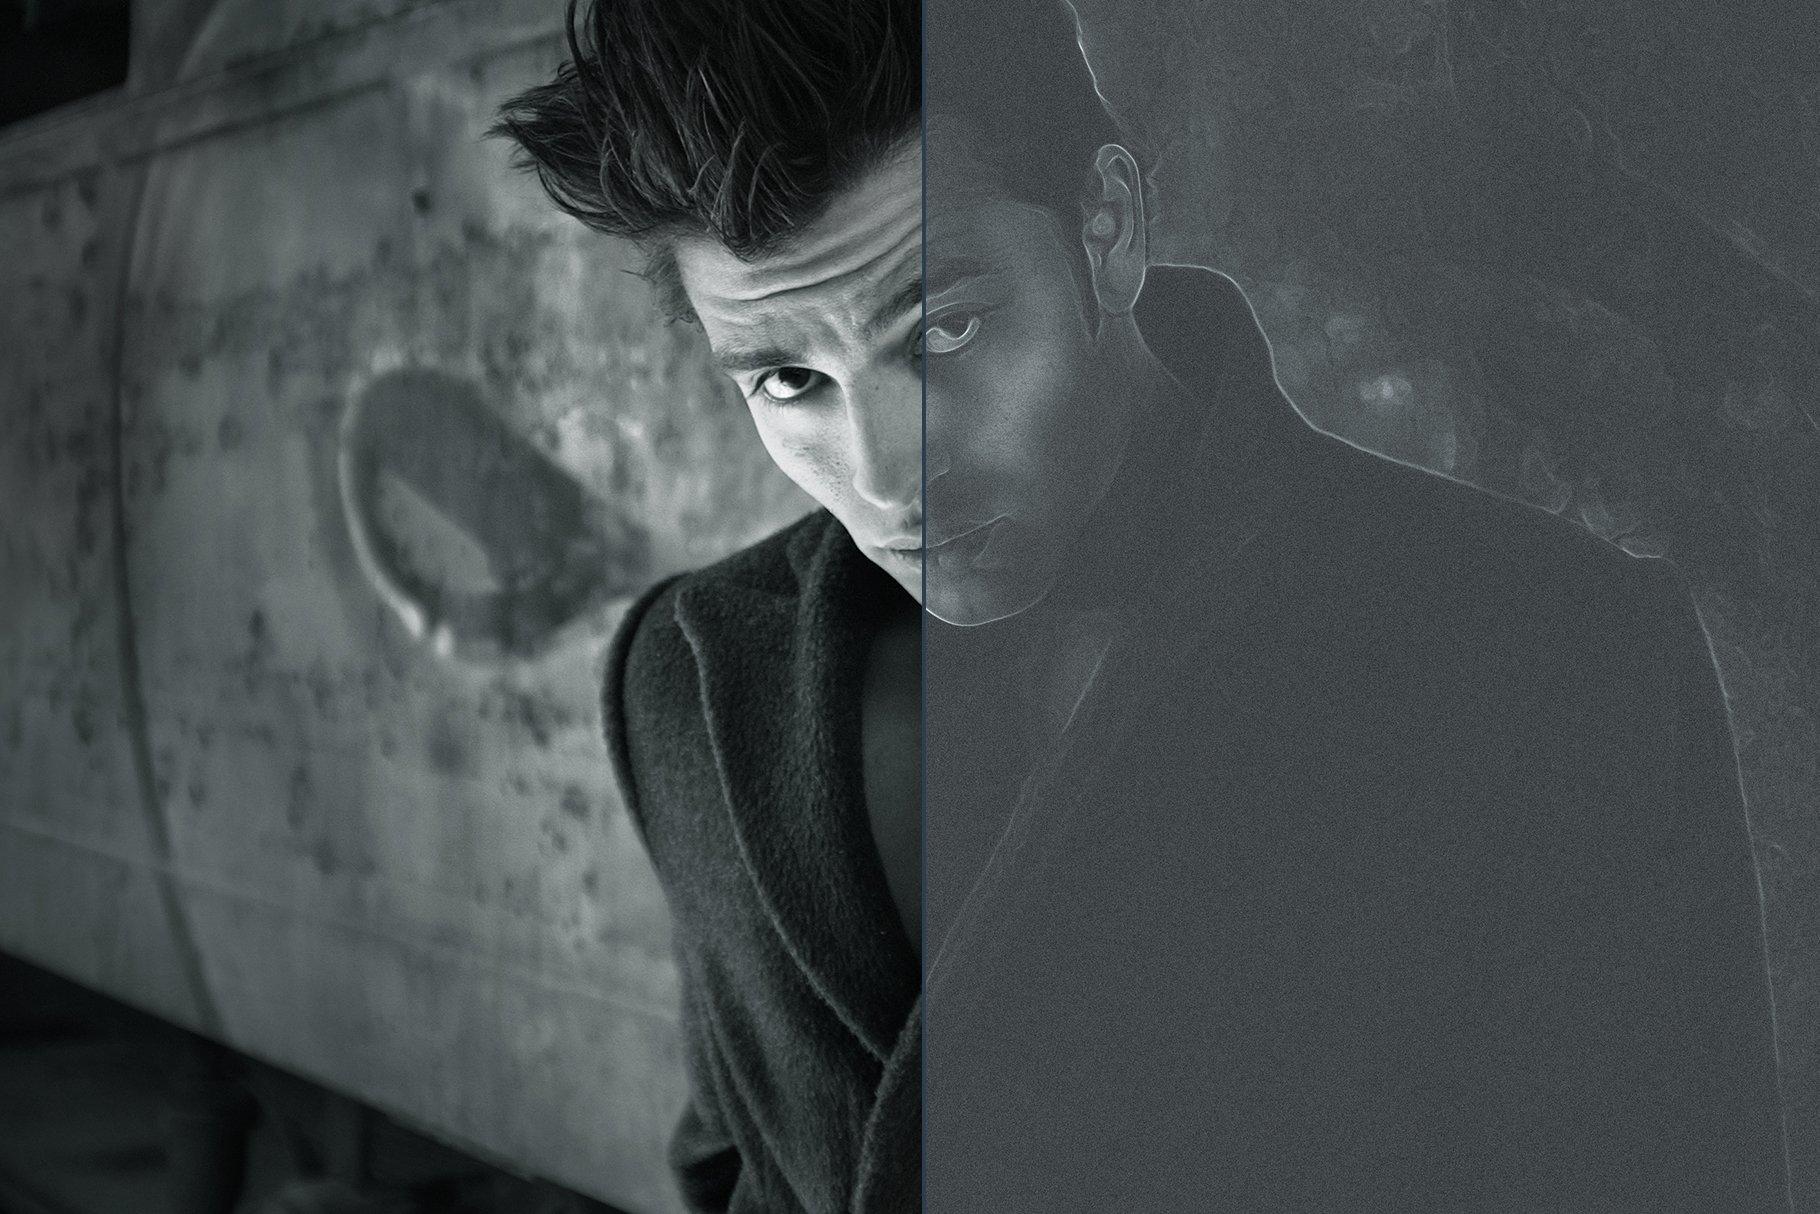 Noir Portrait - Photoshop Action - Actions - 10